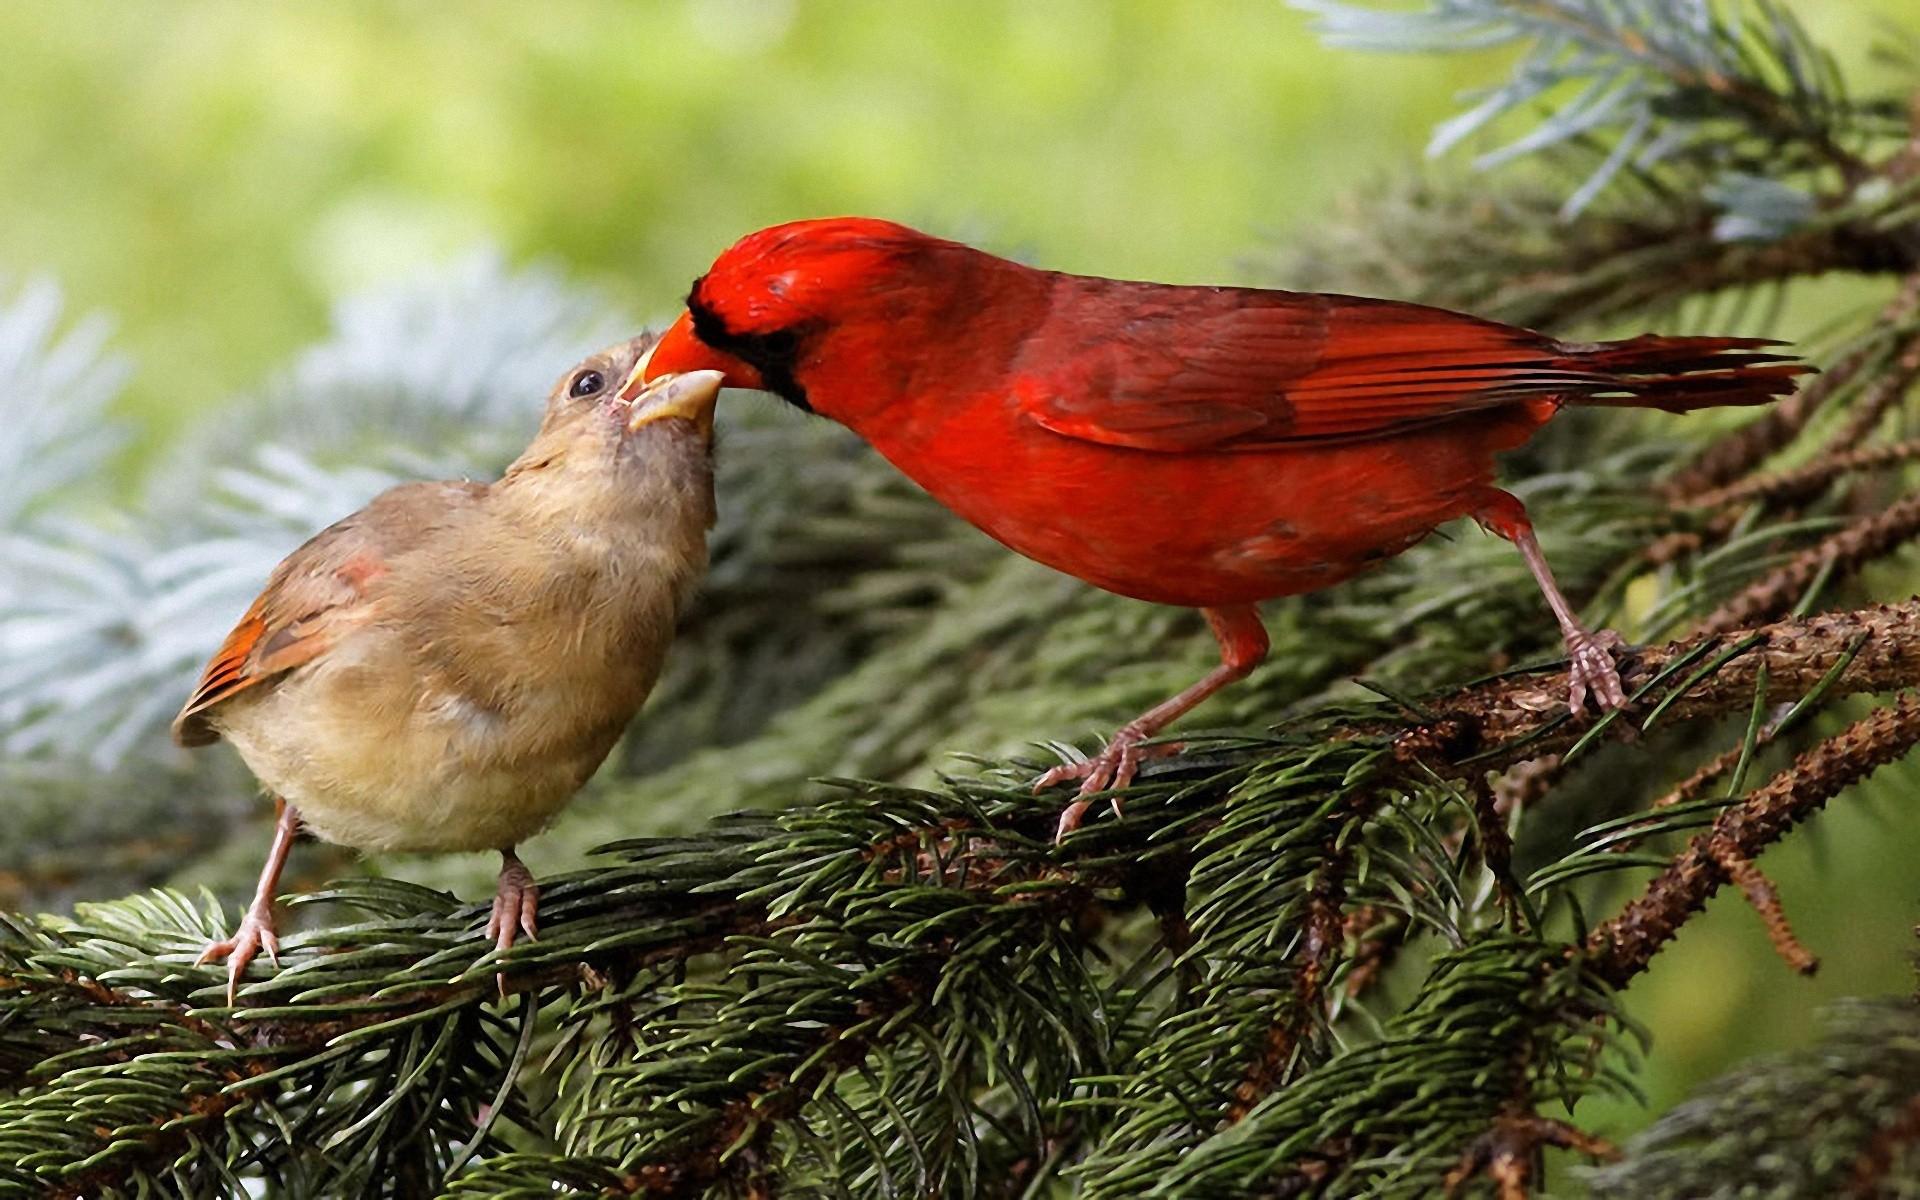 Birds wildlife cardinal wallpaper 1920x1200 199696 WallpaperUP 1920x1200